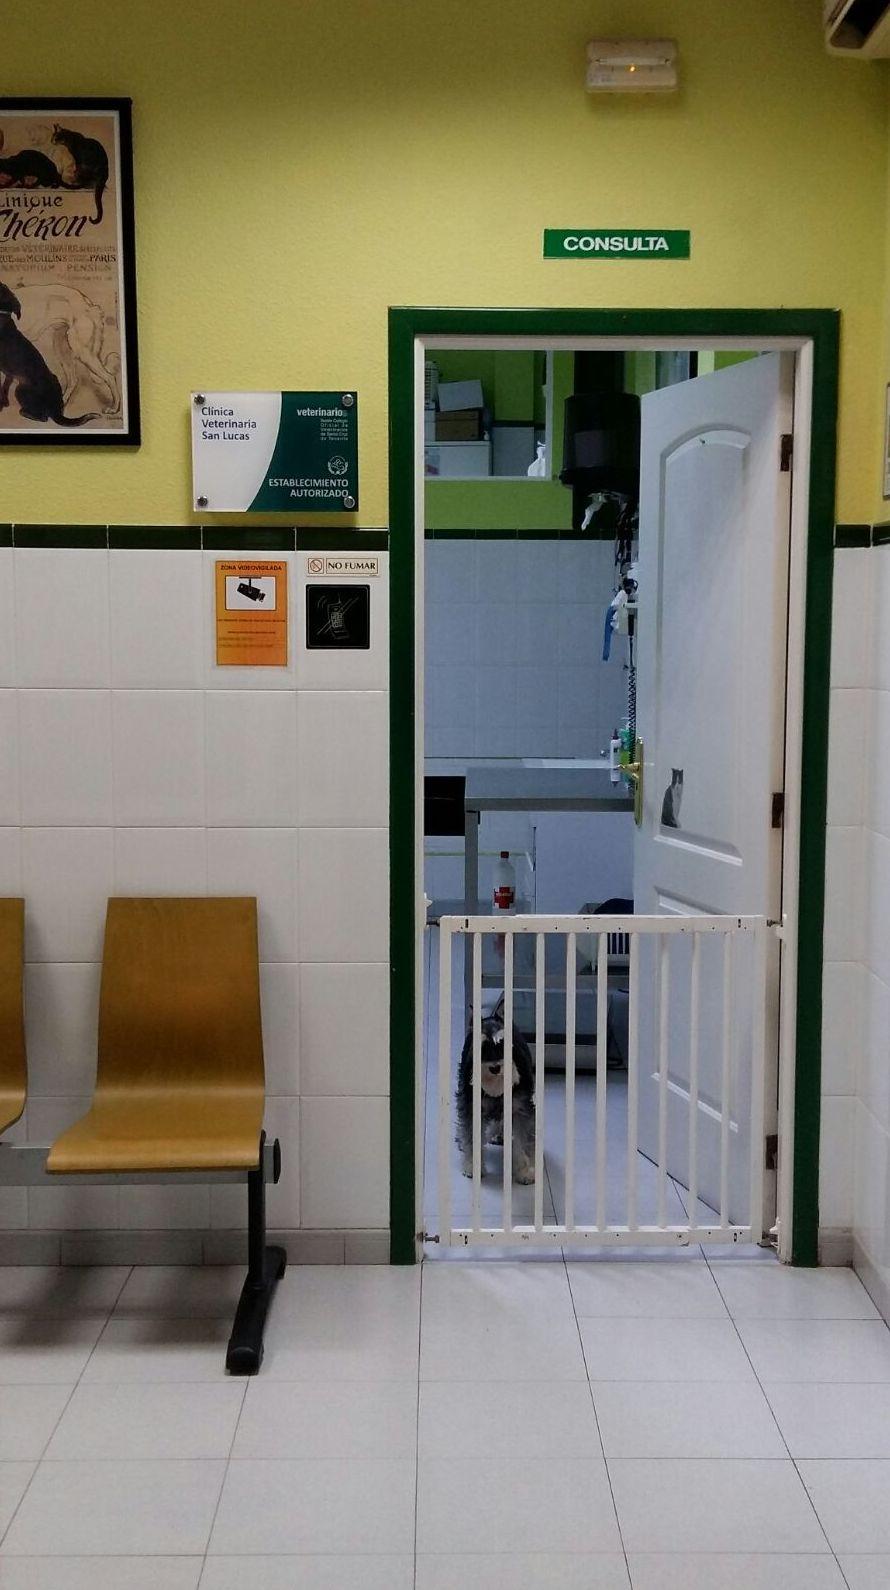 Entrada a la consulta desde la sala de espera